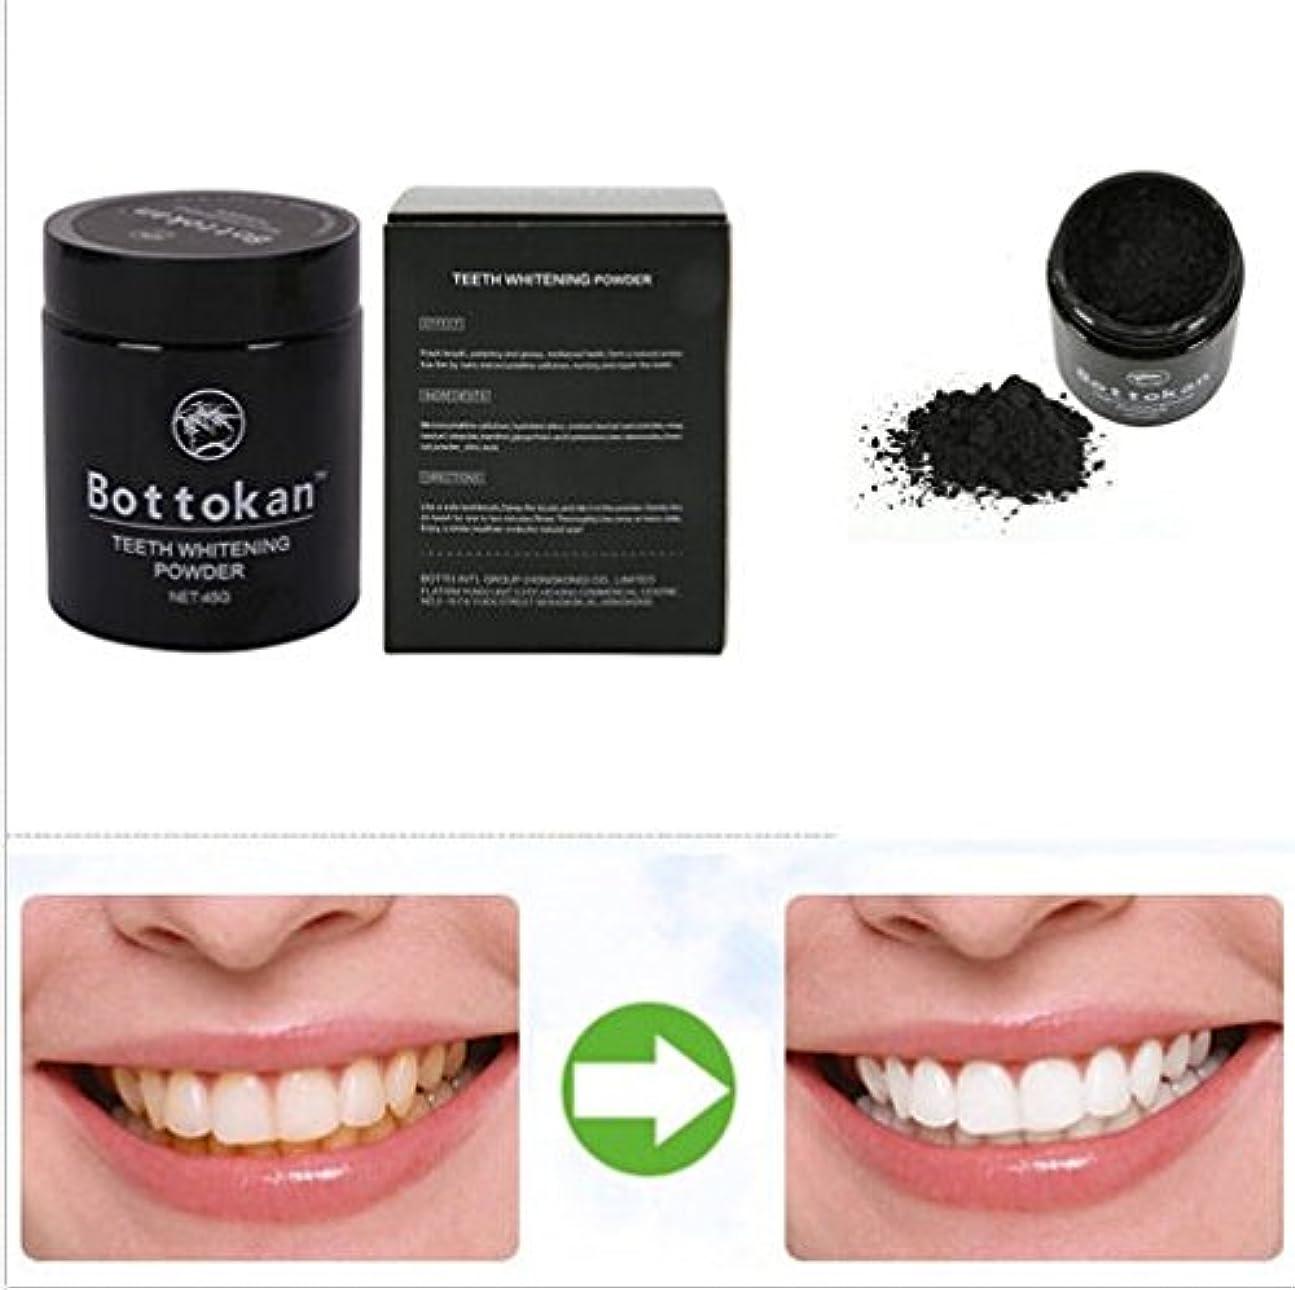 歯磨きパウダー 食べる活性炭 チャコールパーティクル 竹炭パウダー 45g 黒缶